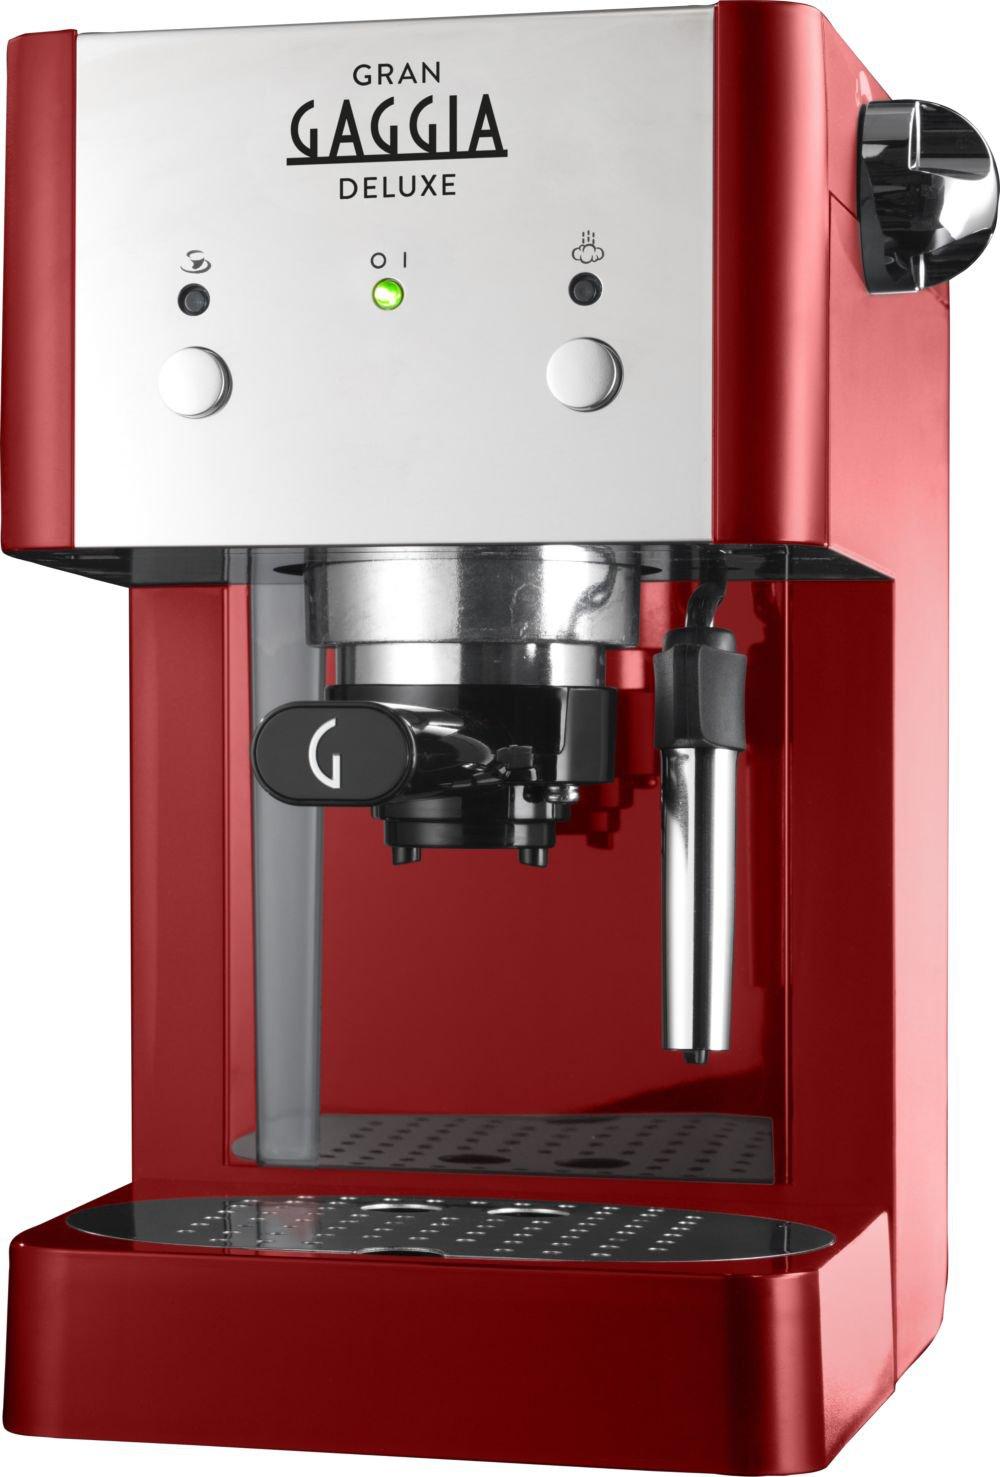 Gaggia-Macchina-da-caff-manuale-ri842522-GRANGAGGIA-Deluxe-Rot